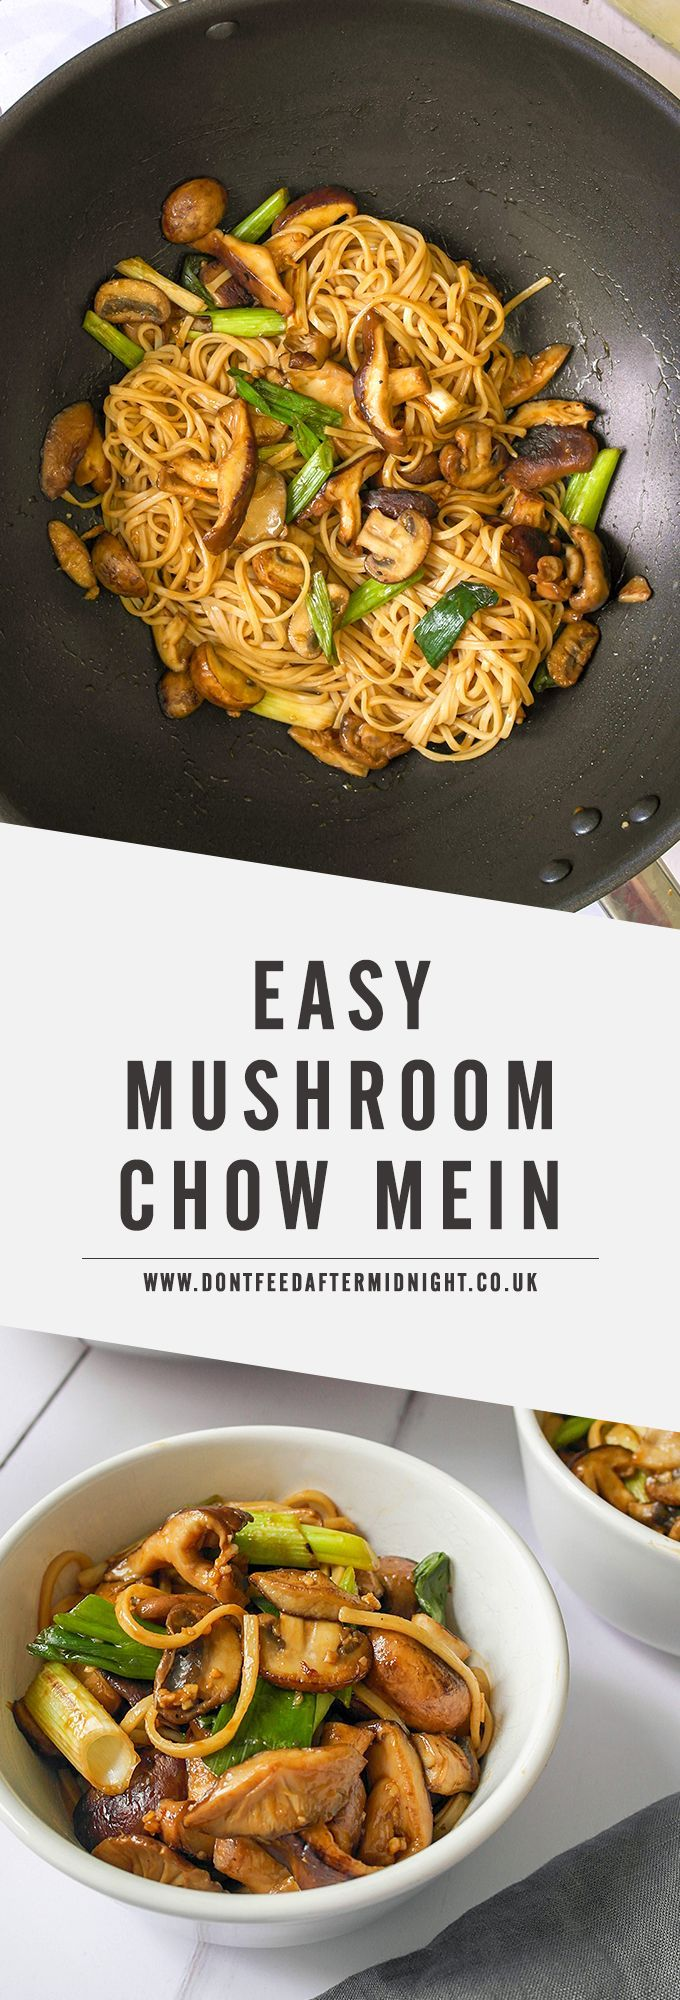 Easy mushroom chow mein